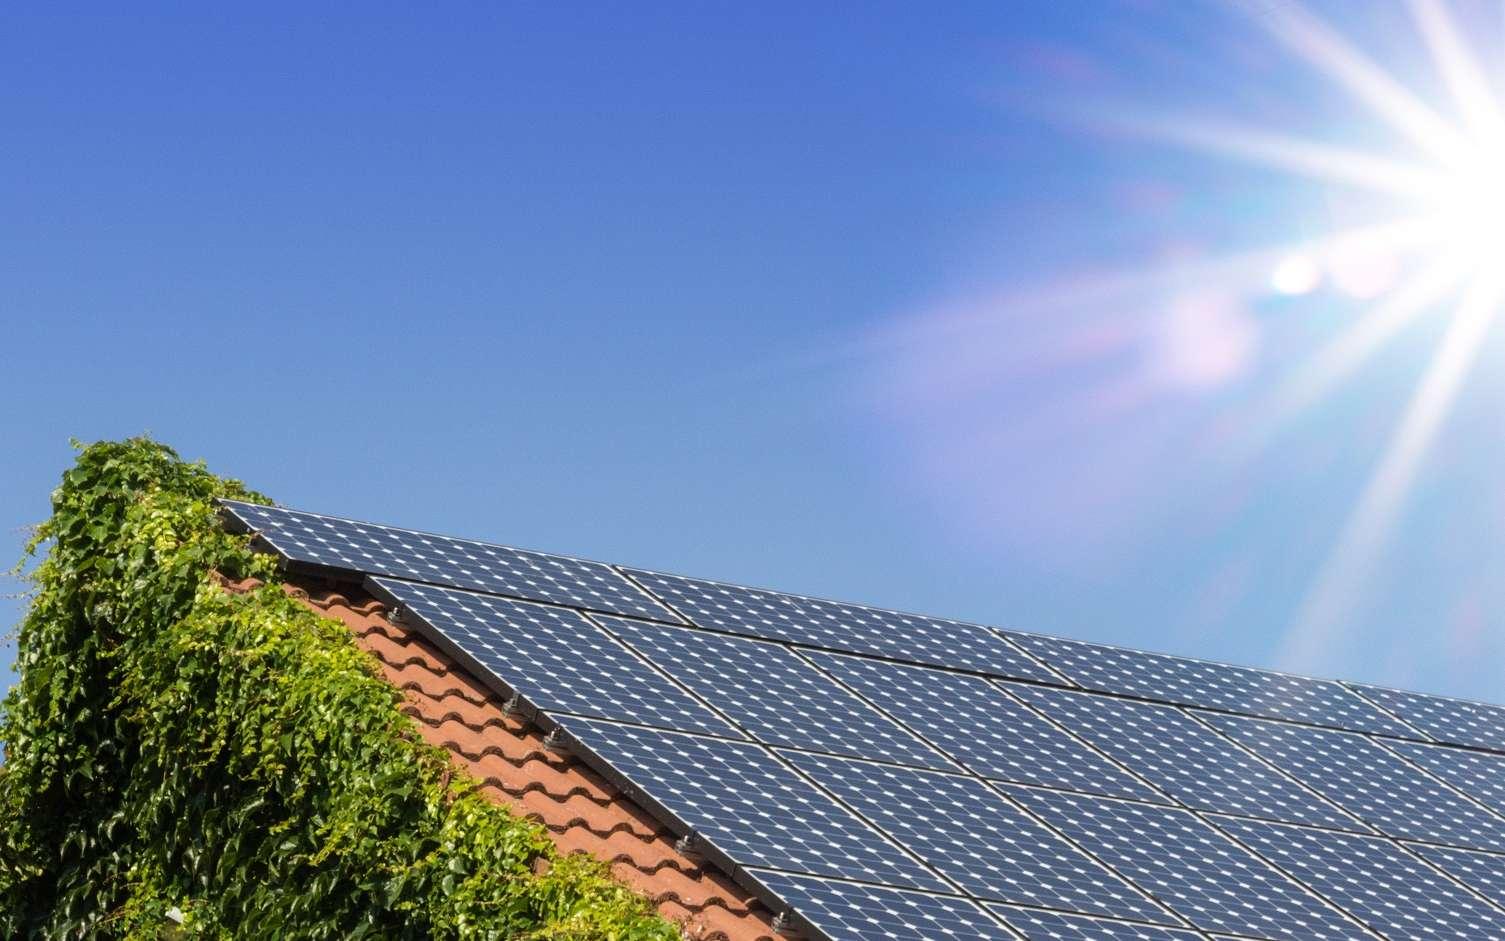 Pour profiter pleinement d'une énergie aussi abondante que le soleil, deux Suédois ont inventé de nouvelles cellules solaires à pigments photosensibles. Une innovation destinée pour le moment aux équipements électroniques auto-rechargeables mais qui, à terme, pourrait équiper les maisons et immeubles. © OFC Pictures, Adobe Stock